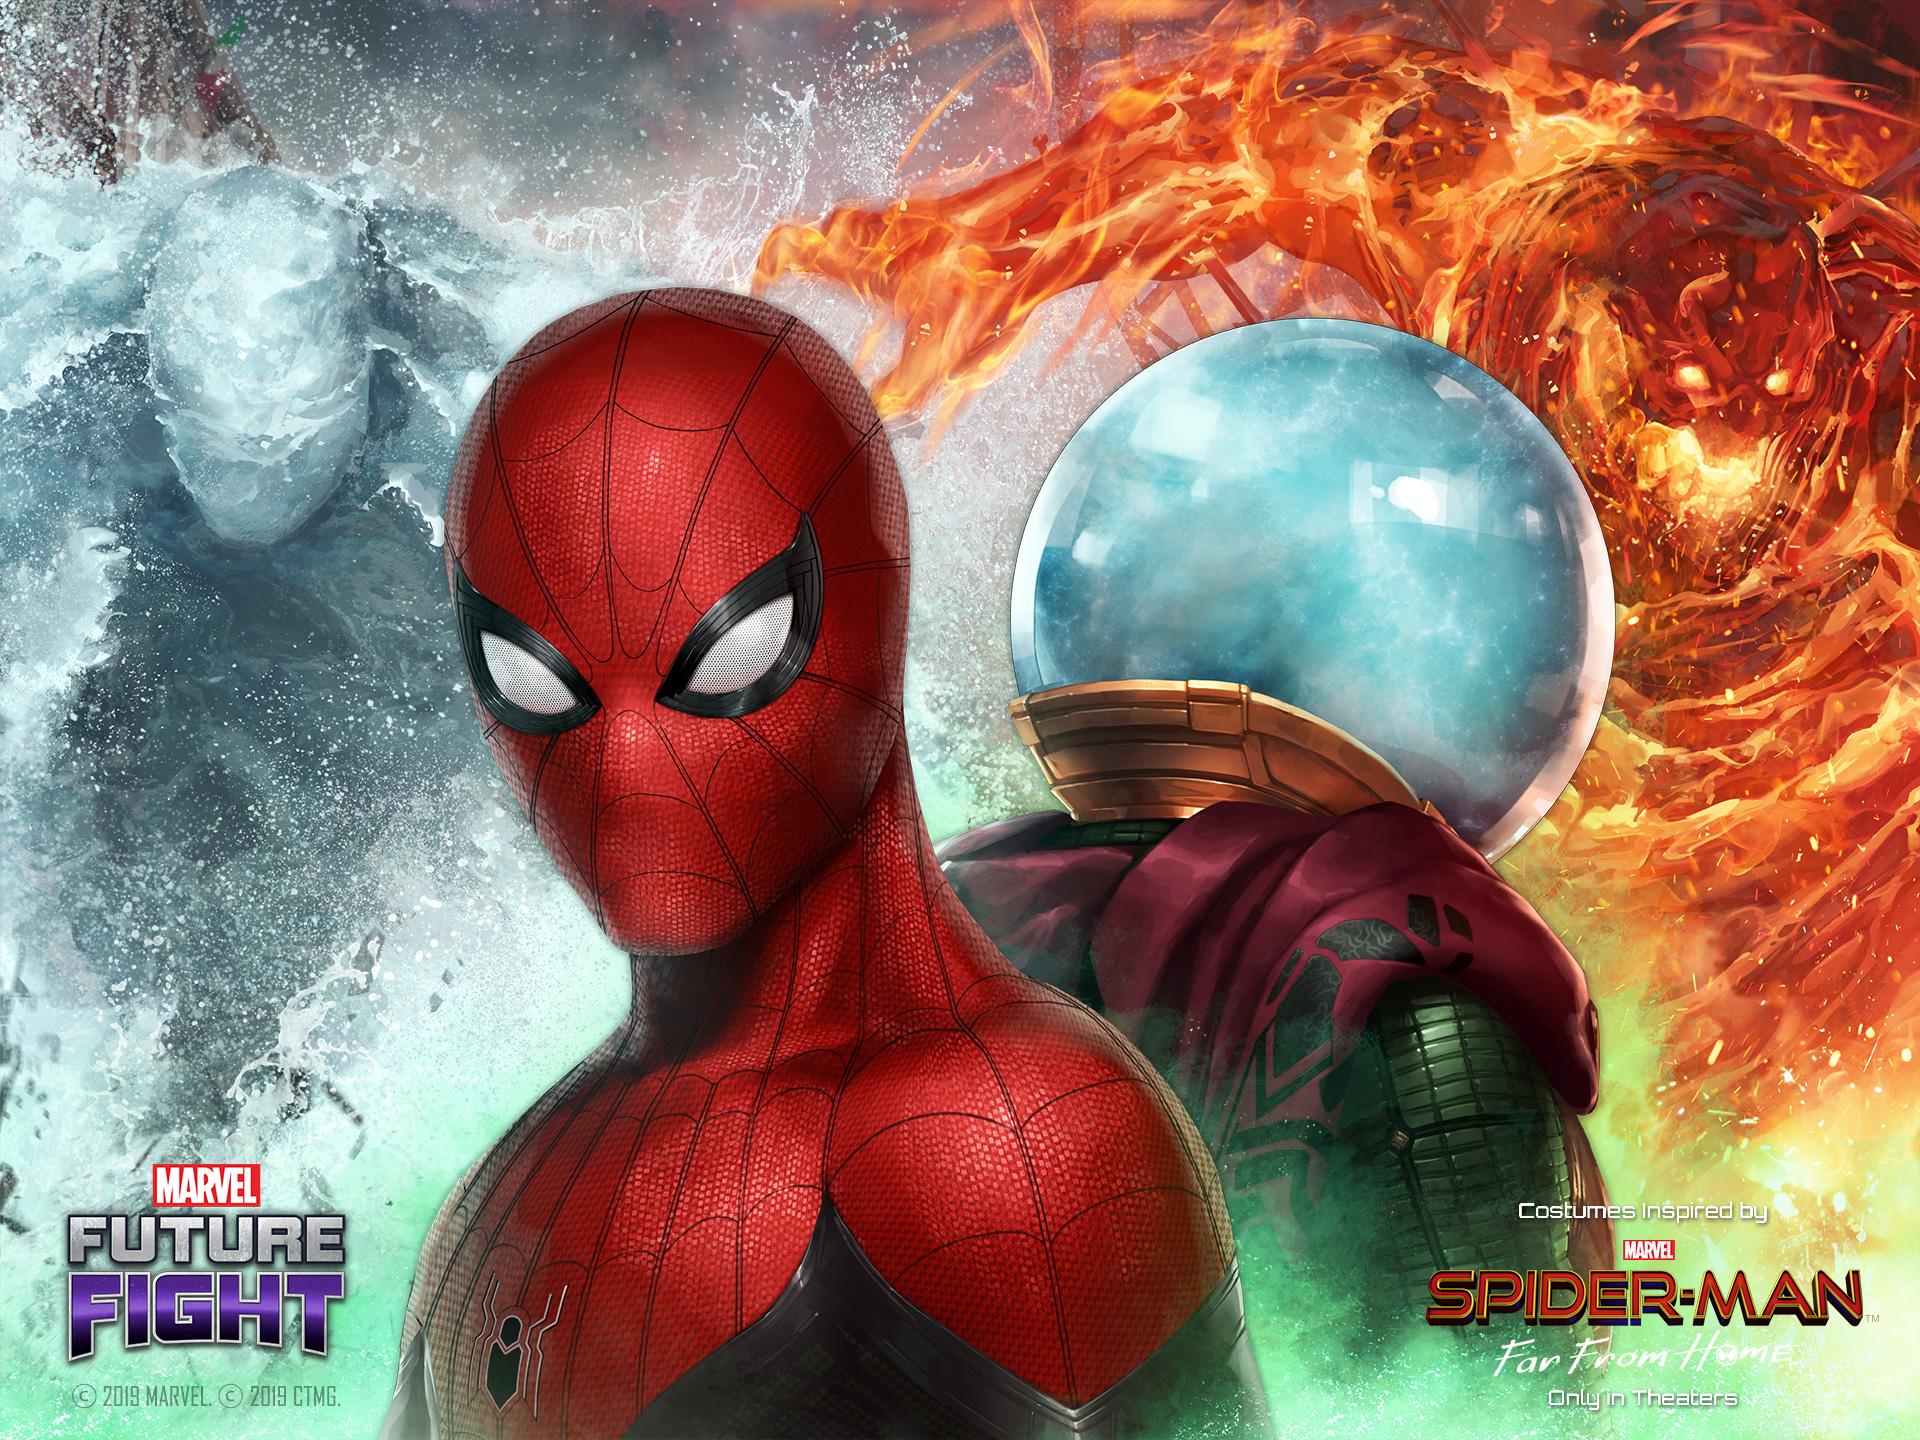 在漫威:未来之战的《蜘蛛侠:英雄远征》更新中